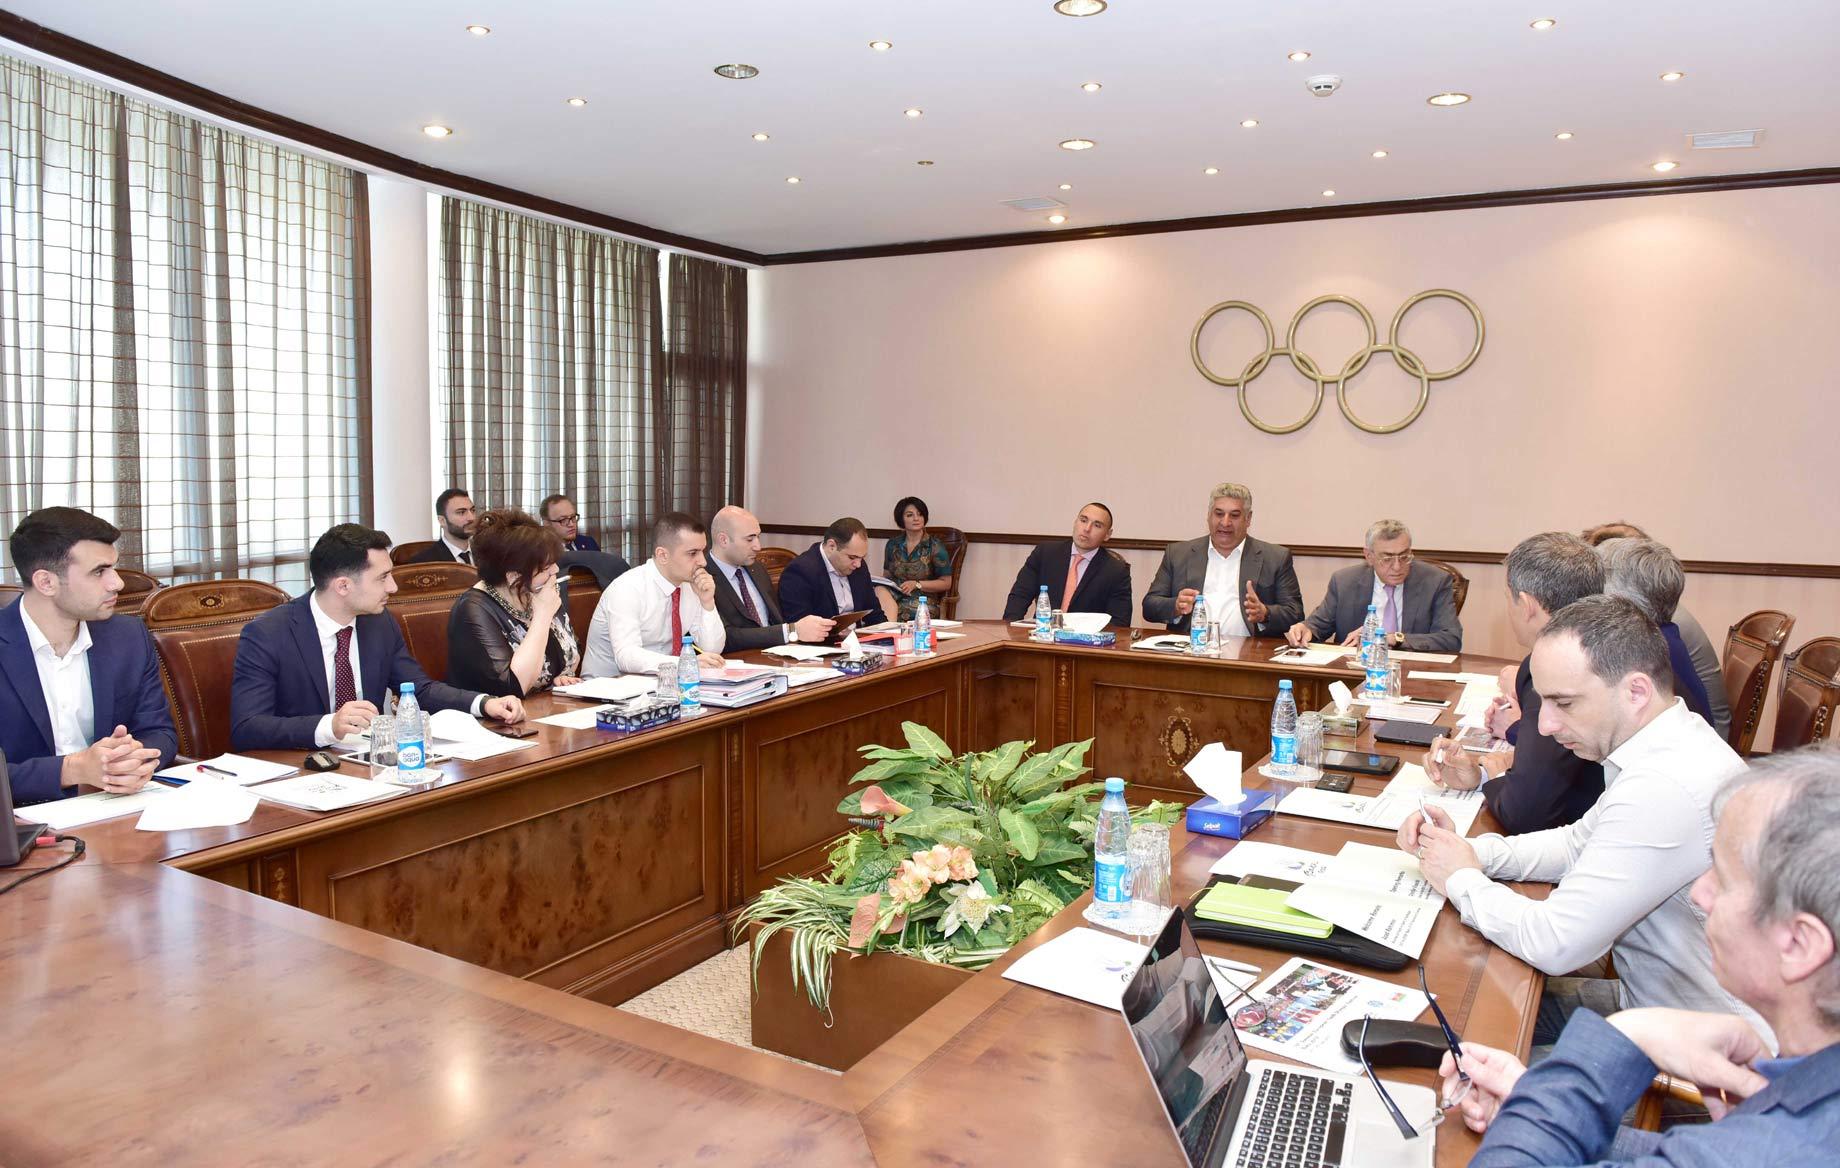 XV Avropa Gənclər Olimpiya Festivalı Əlaqələndirmə Komissiyasının sonuncu toplantısı keçirilib